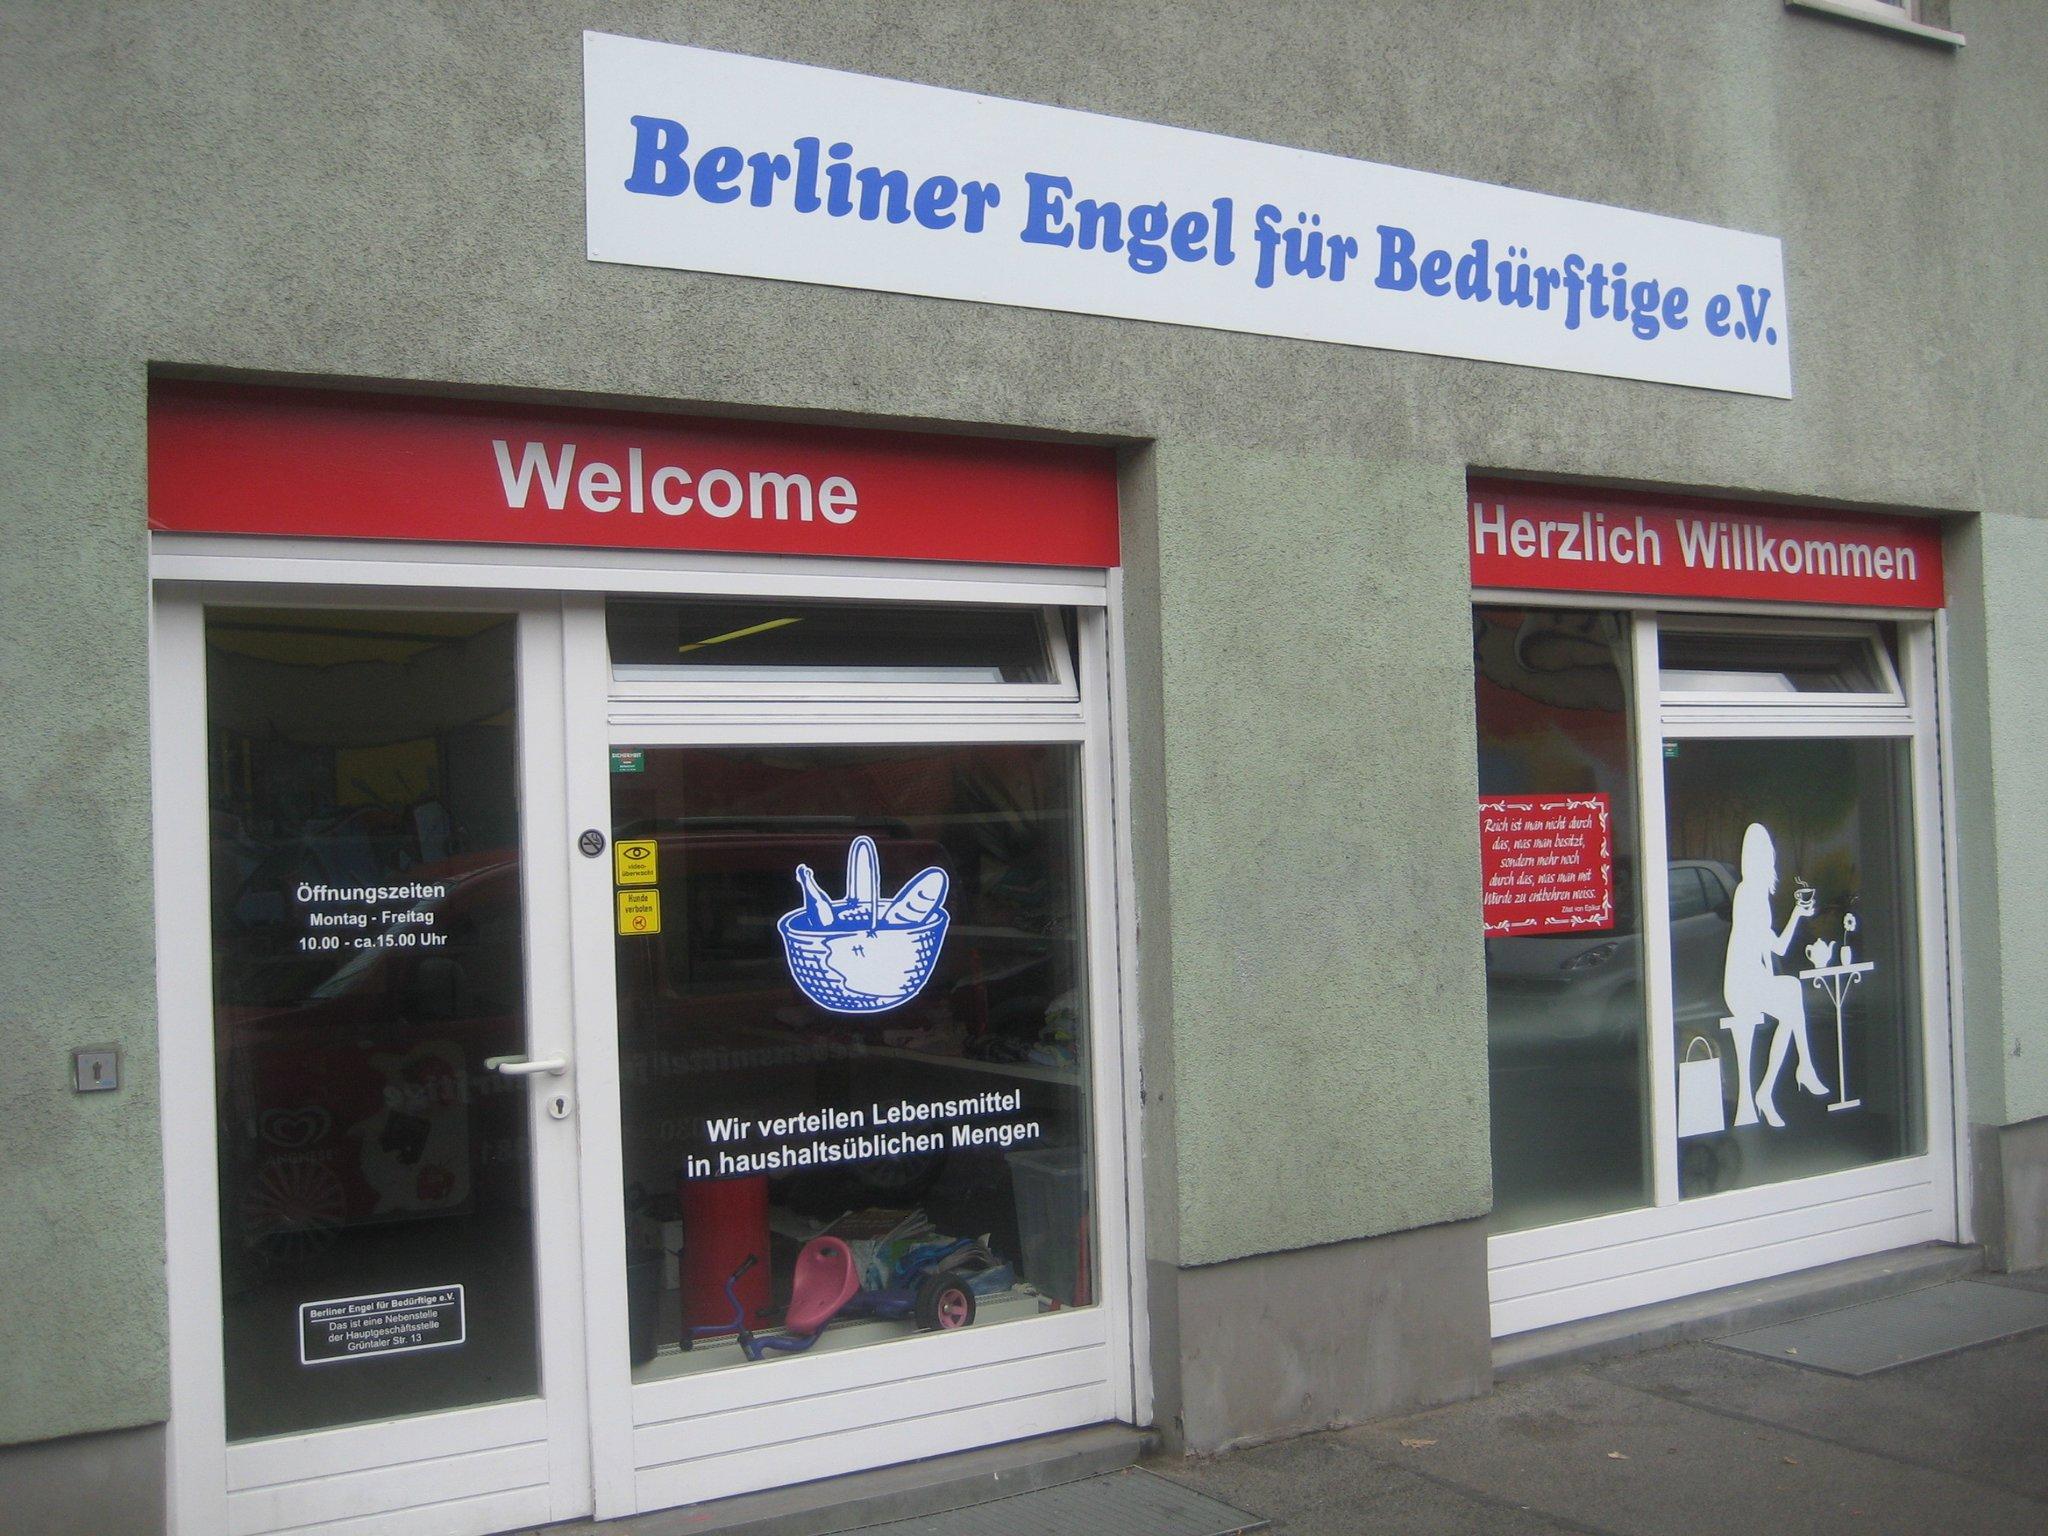 berliner engel f r bed rftige e v aus lichtenberg berliner woche. Black Bedroom Furniture Sets. Home Design Ideas